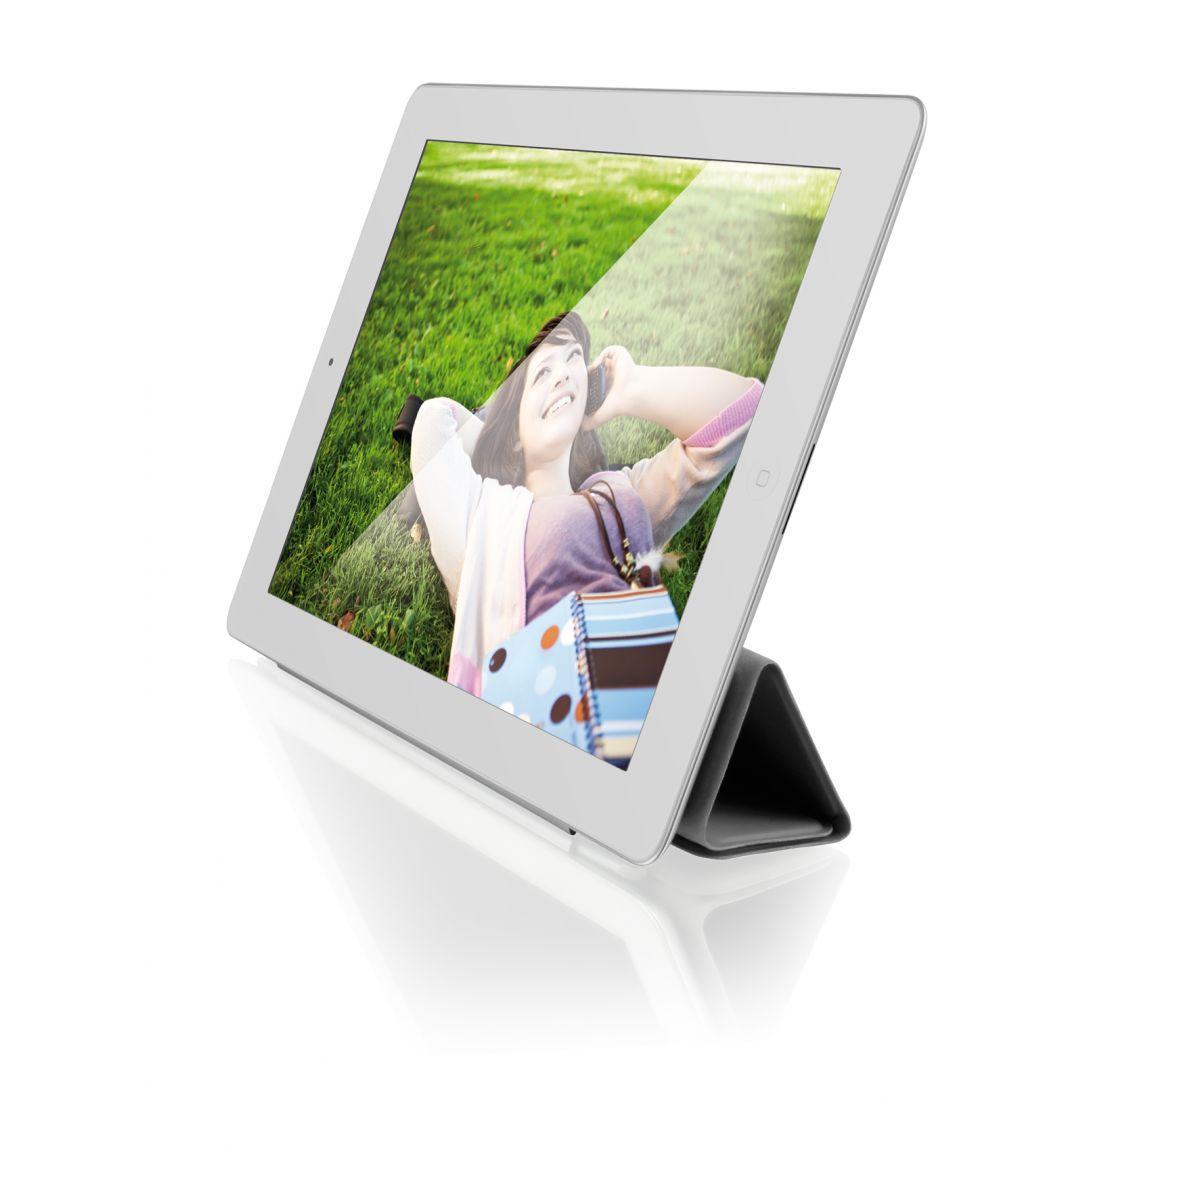 Capa iPad 2 e 3 Smart Cover Cinza Magnética Multilaser - BO162